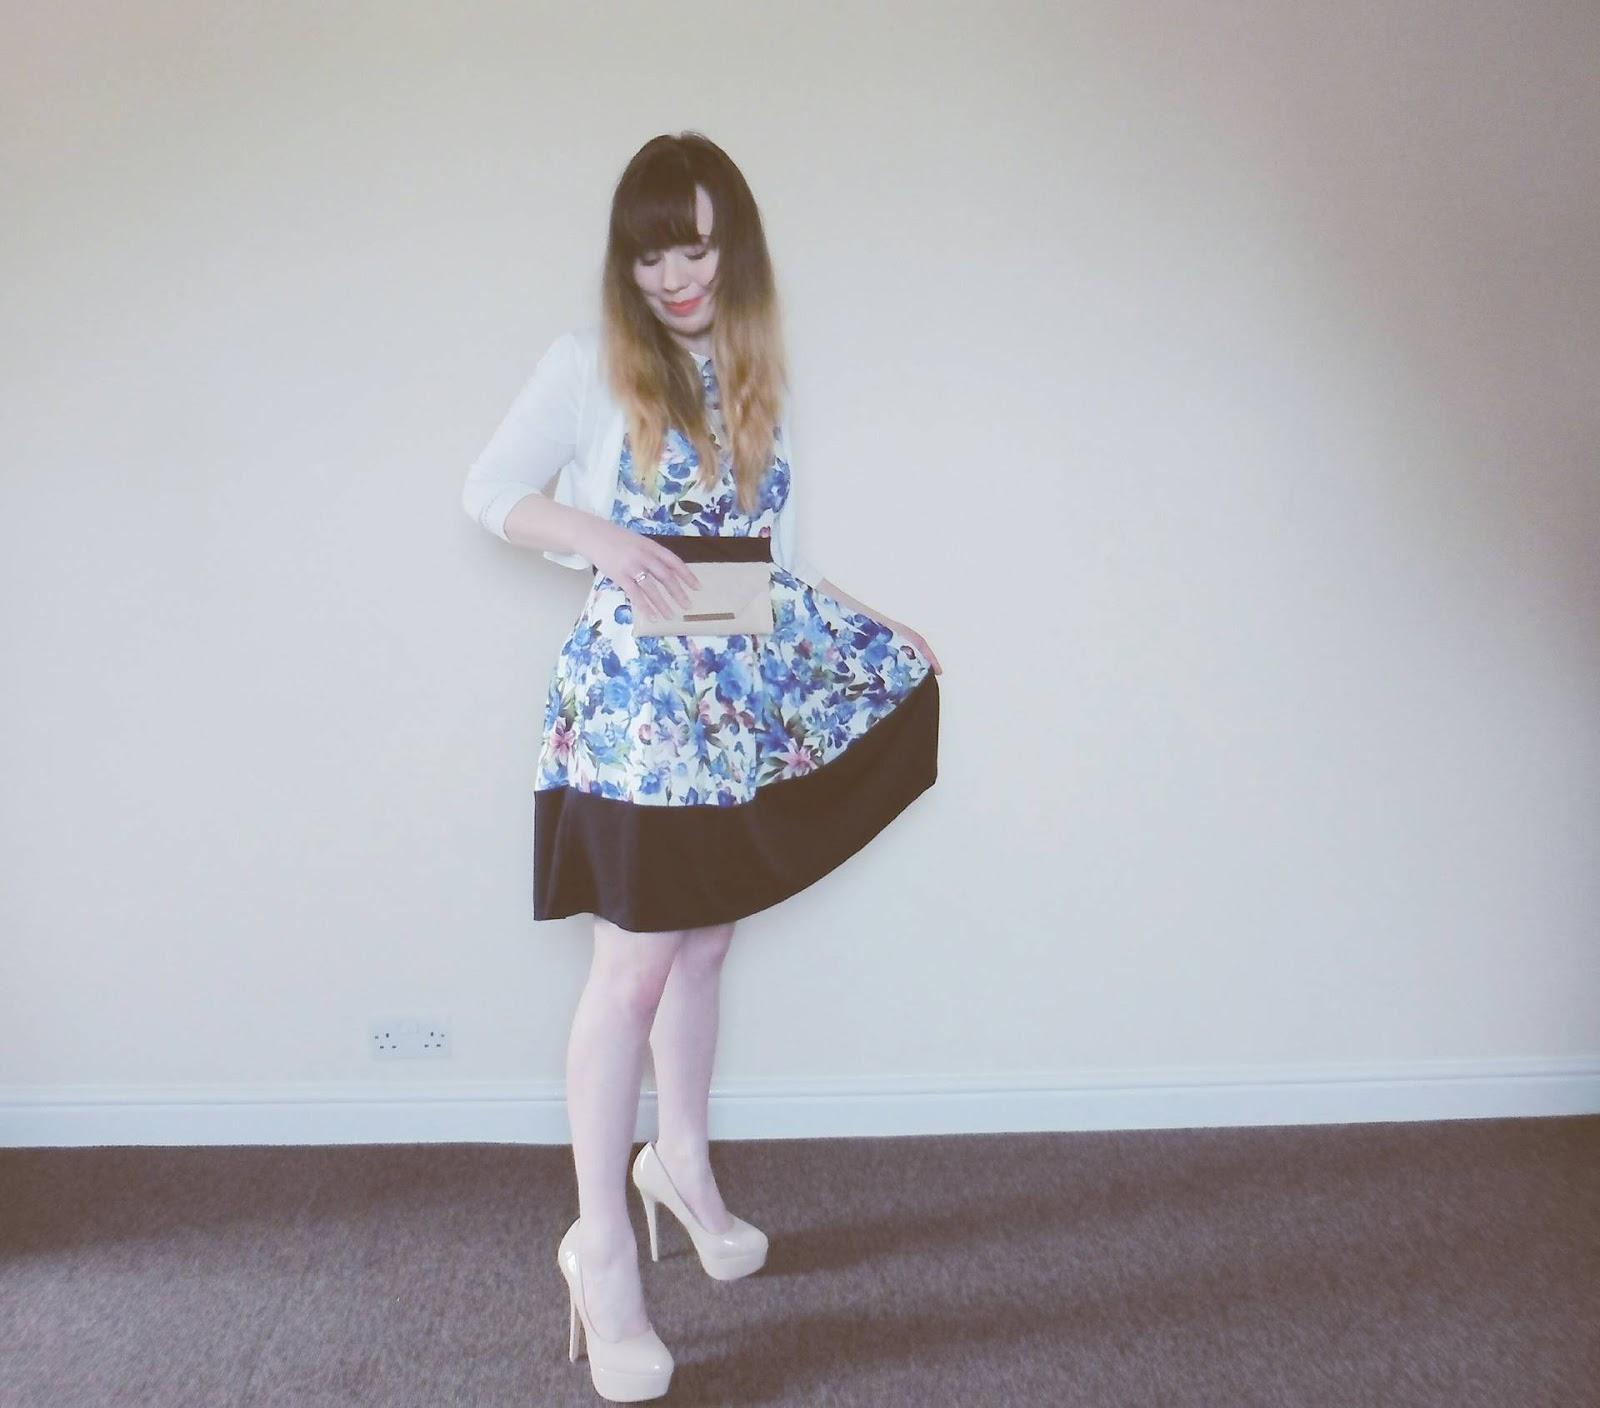 Feelin' like Zooey Deschanel in my Dorothy Perkins dress